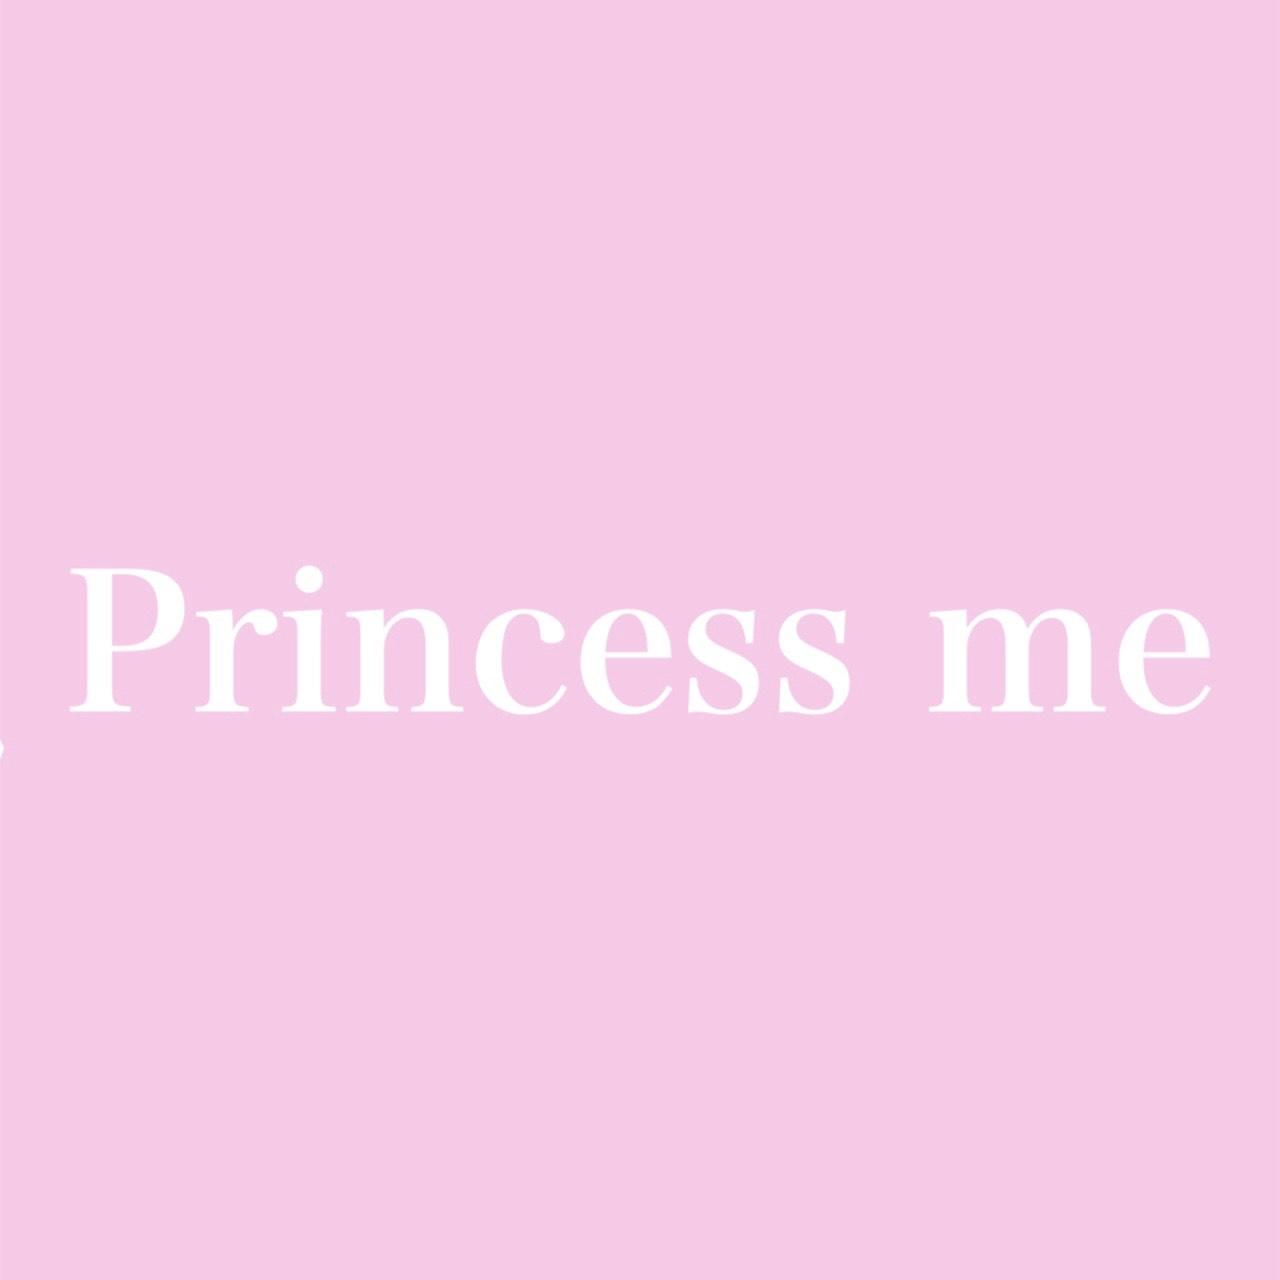 Princess me - プリンセスミー